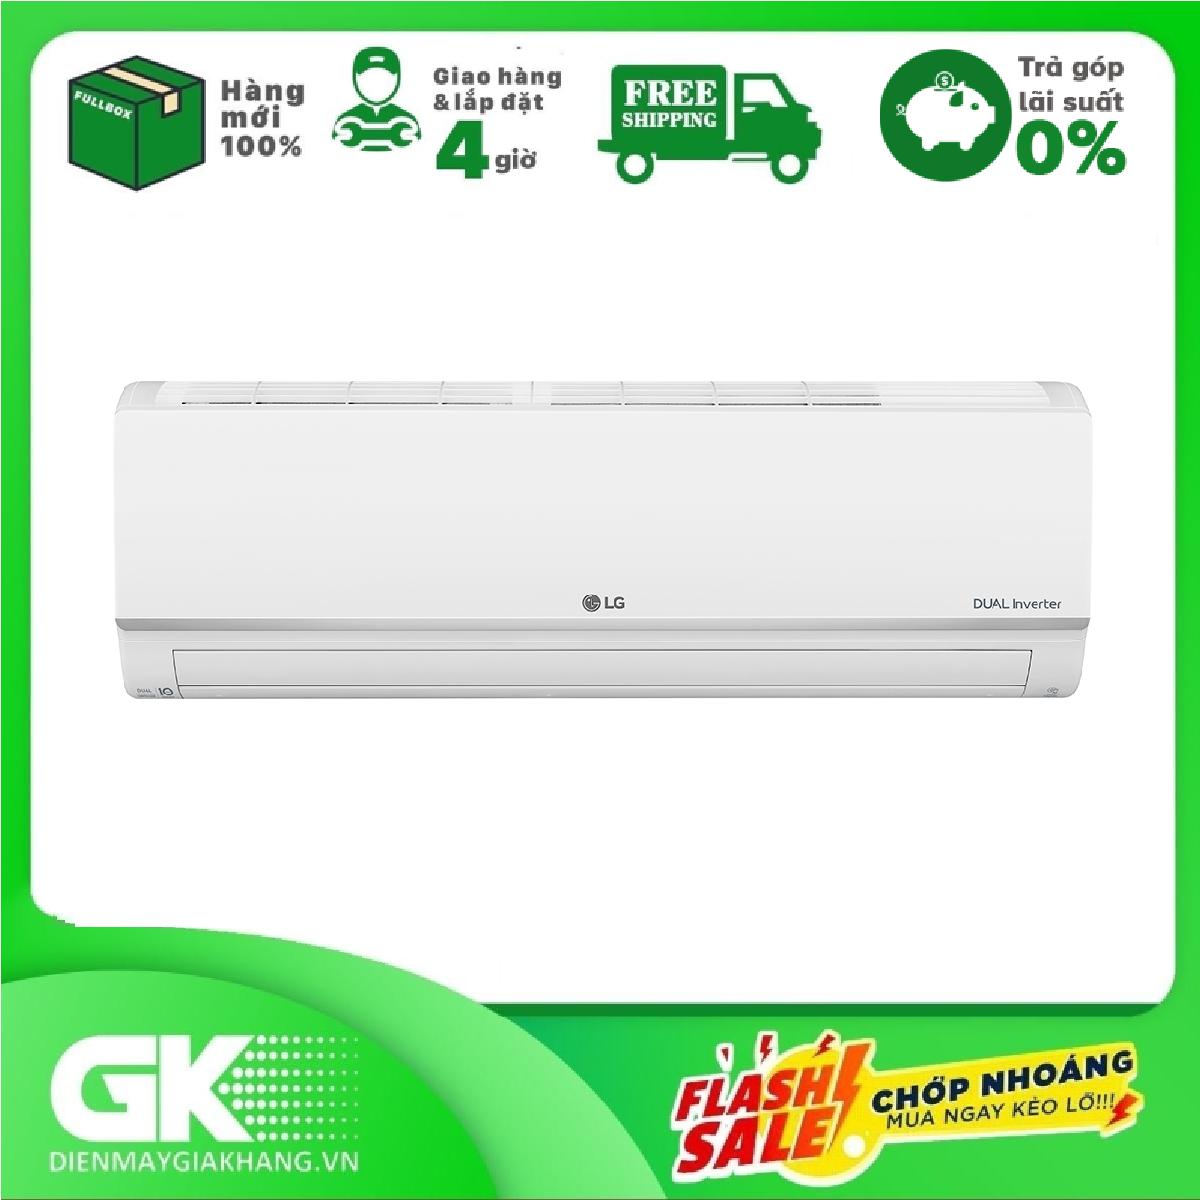 [GIAO HÀNG 2 - 15 NGÀY, TRỄ NHẤT 30.09] TRẢ GÓP 0% - Máy lạnh LG Inverter 1 HP V10ENW1